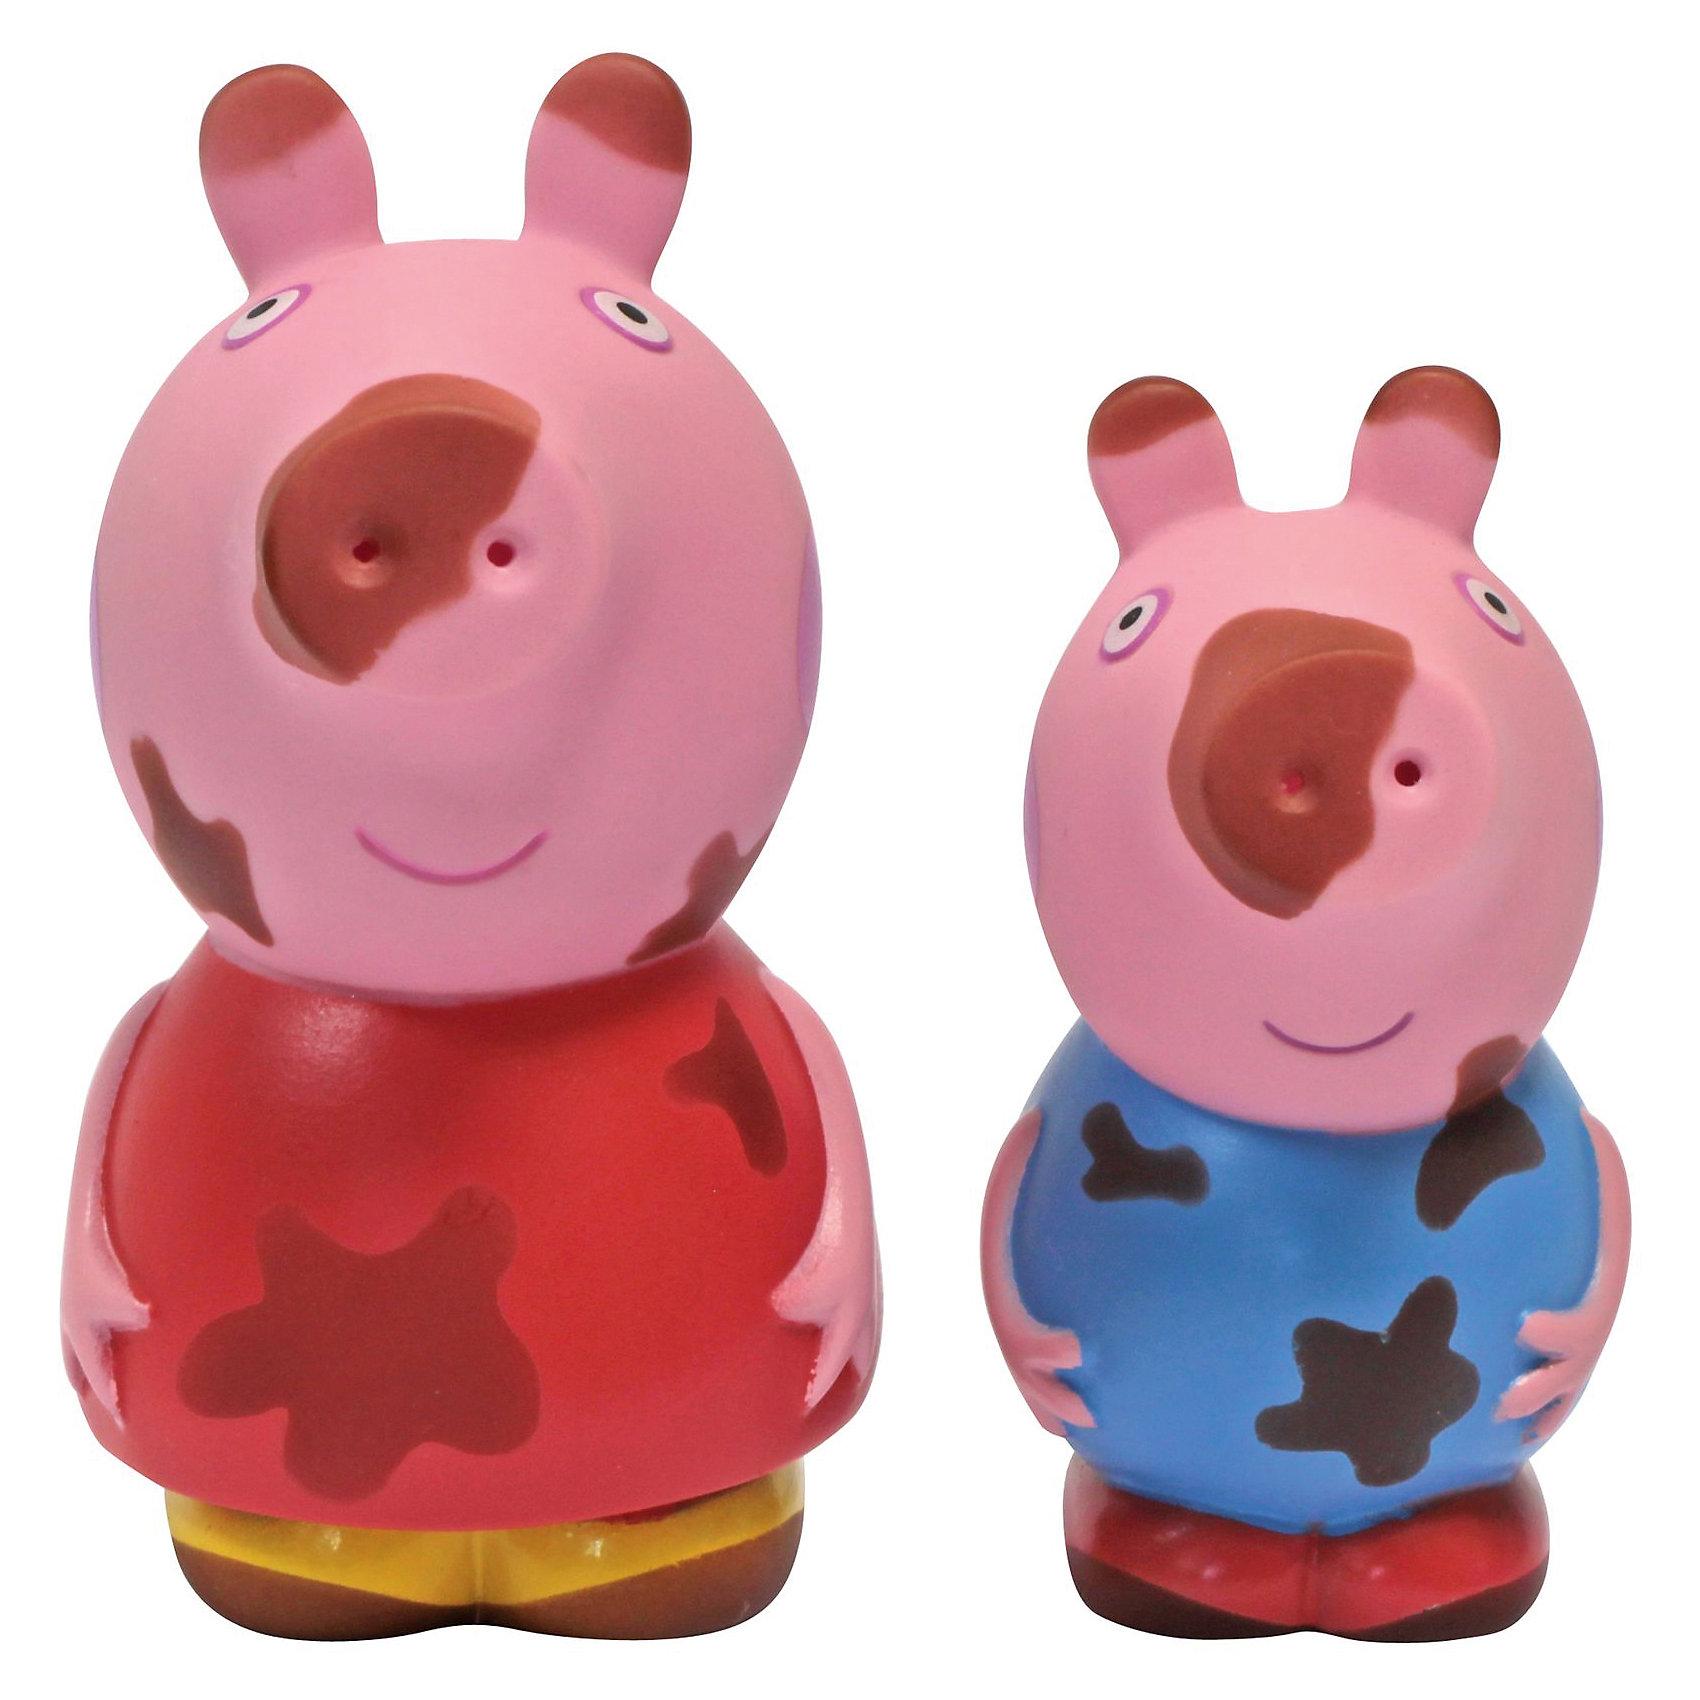 Набор Чистюля или грязнуля, Свинка ПеппаИгрушки ПВХ<br>Детки обожают купаться в ванне в компании любимых игрушек, поэтому игровой набор «Чистюля или грязнуля» с фигурками в виде героев мультфильма «Свинка Пеппа» обязательно приведет в восторг вашего малыша. Пеппа и Джордж прыгали по лужам и перепачкались в грязи. Им срочно нужно помыться! Опустите их в теплую воду, и пятна исчезнут, будто их и не бывало. Достаньте игрушки из воды, подождите немного – вы увидите, как магическим образом пятнышки появляются снова.<br><br>Дополнительная информация:<br><br>В игровом наборе для ванной «Чистюля или грязнуля» «Peppa Pig» 2 фигурки из пластизоля, брызгающиеся водой: Свинка Пеппа (10 см) и Малыш Джордж (8 см). <br>Пятна на фигурках исчезают в теплой воде. <br>Упаковка размером 17,2х13,8х6,2 см.<br><br>Набор Чистюля или грязнуля, Свинка Пеппа (Peppa Pig) можно купить в нашем магазине.<br><br>Ширина мм: 173<br>Глубина мм: 145<br>Высота мм: 173<br>Вес г: 100<br>Возраст от месяцев: 36<br>Возраст до месяцев: 84<br>Пол: Унисекс<br>Возраст: Детский<br>SKU: 4621977